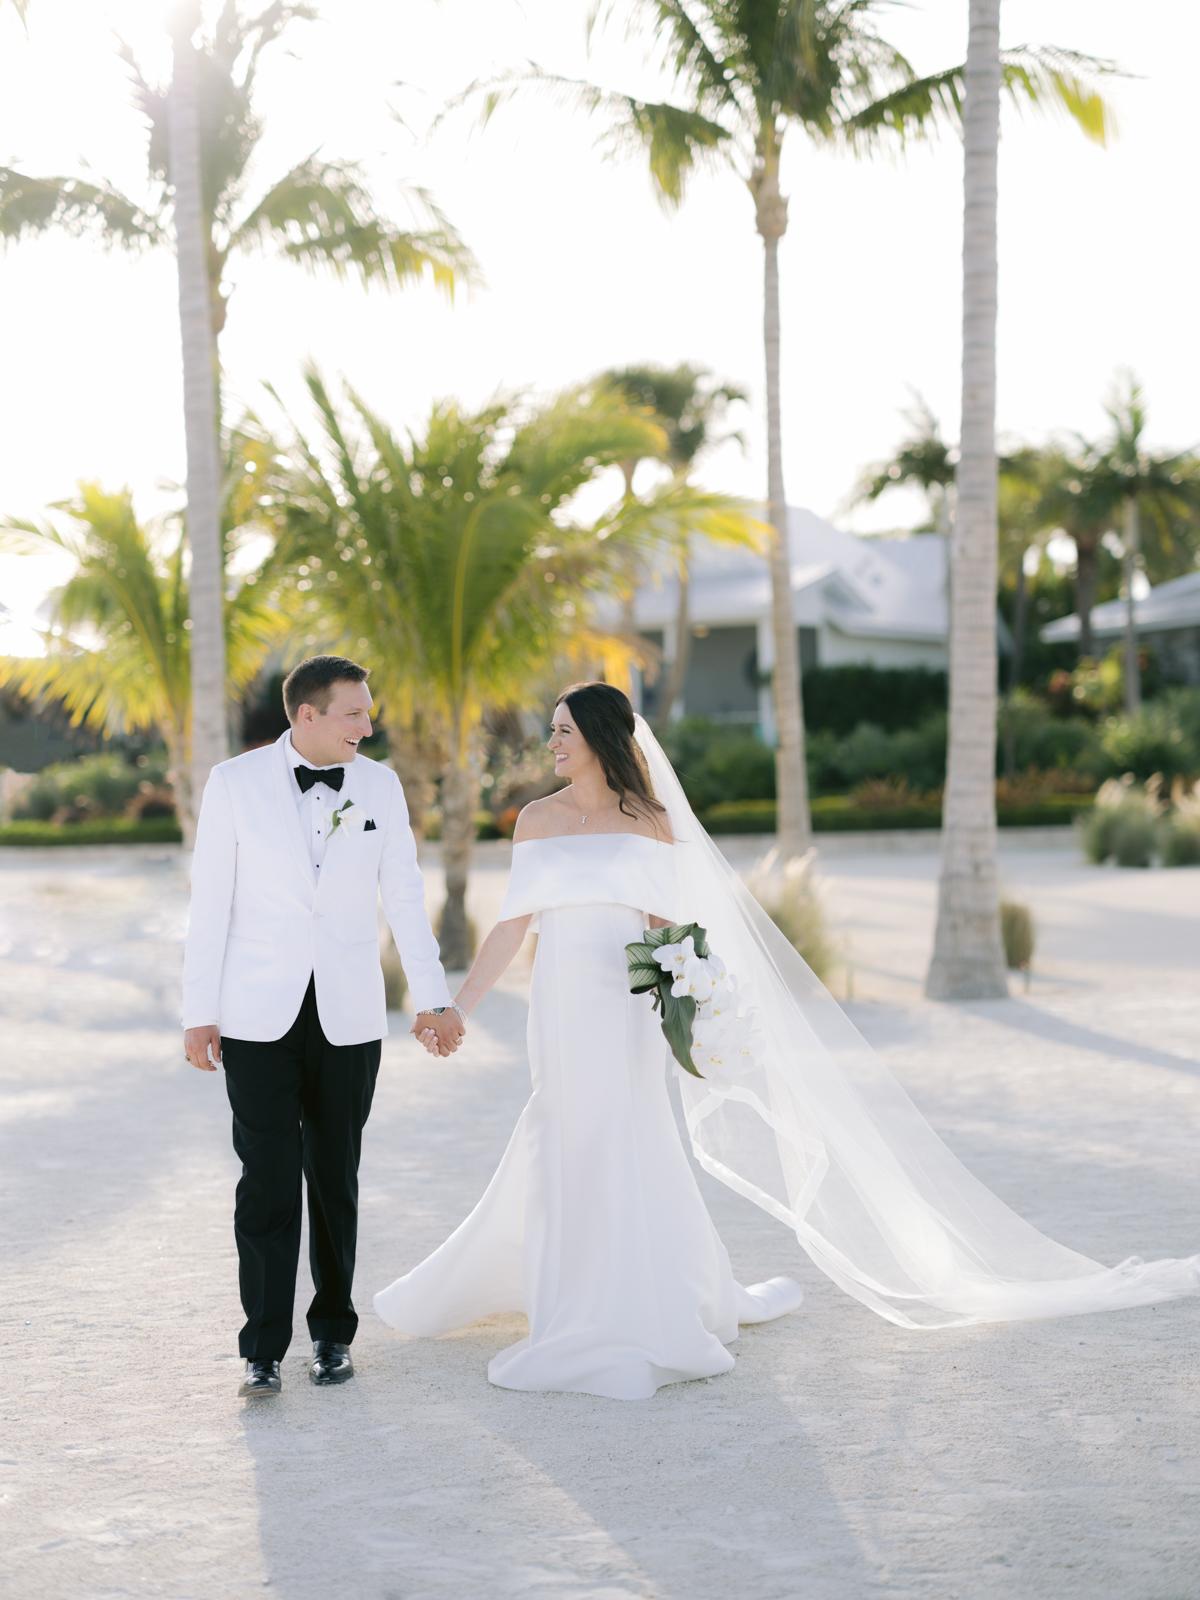 Islander Weddings